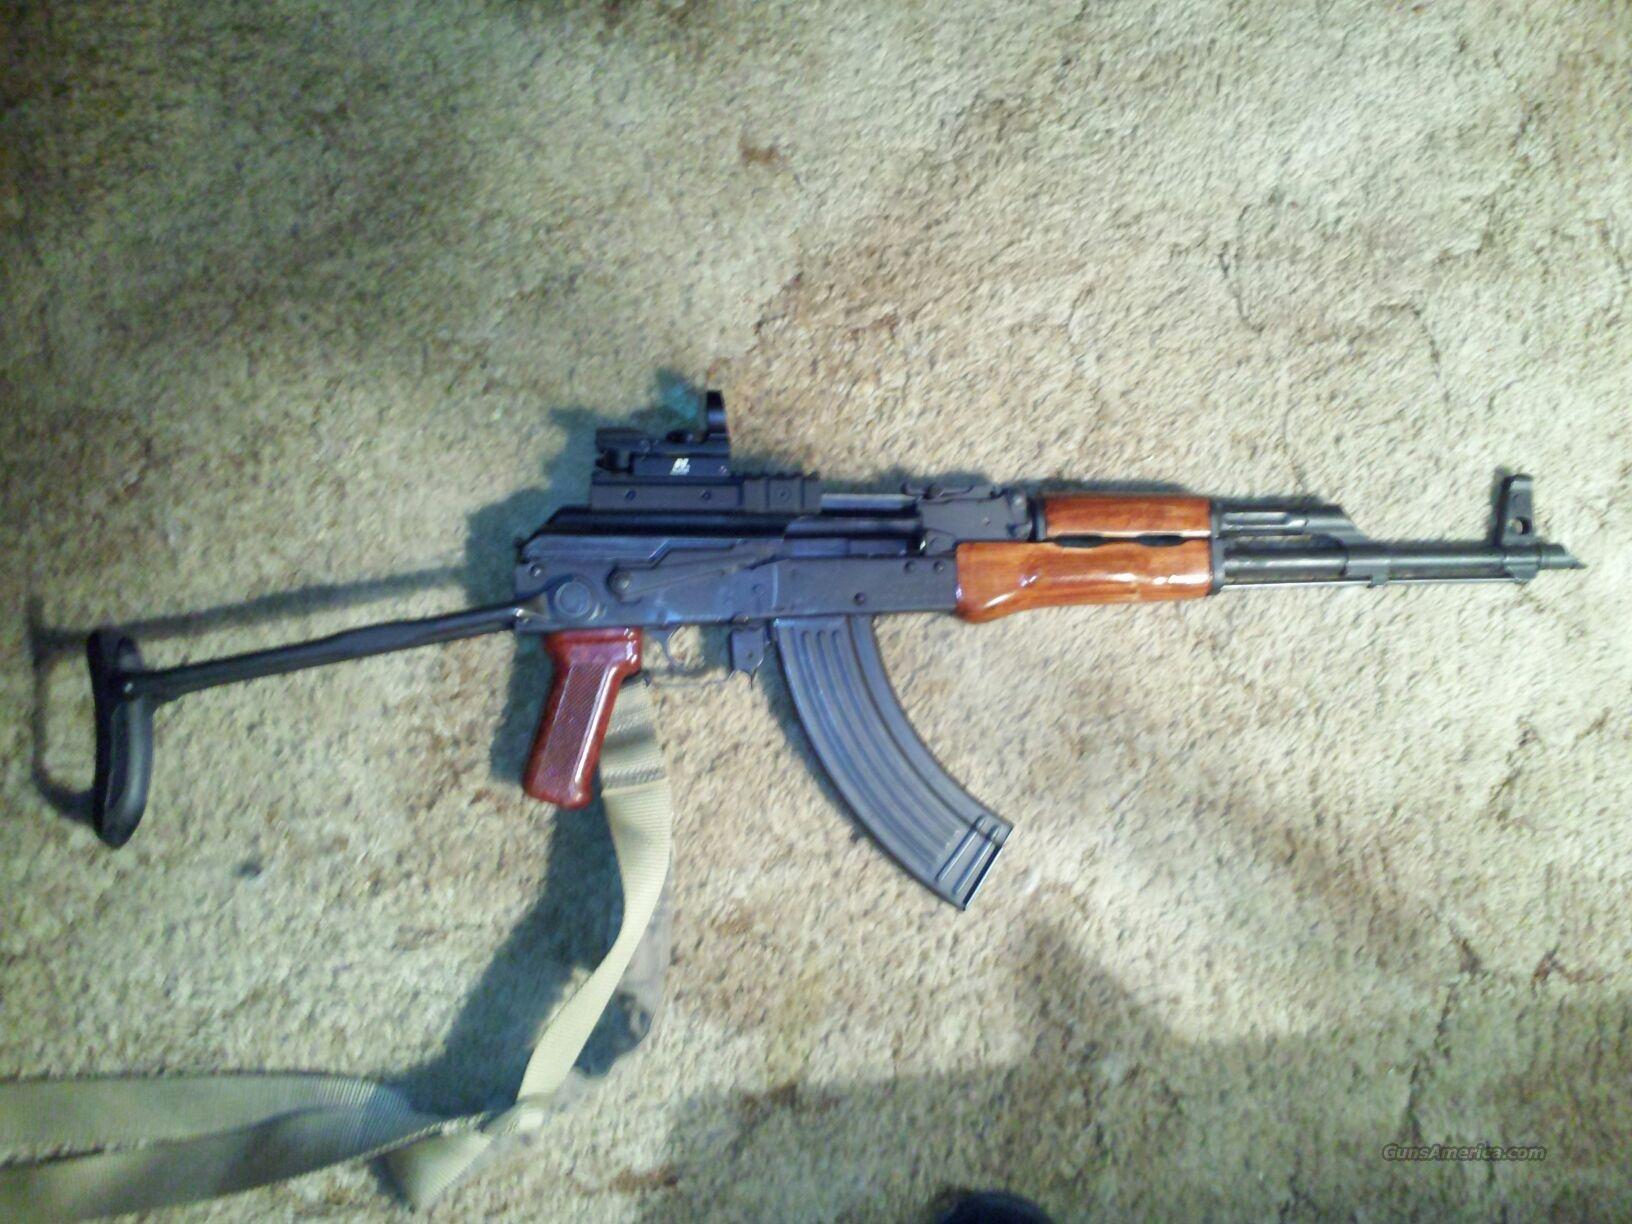 Romanian ak 47 wasr 10 underfold